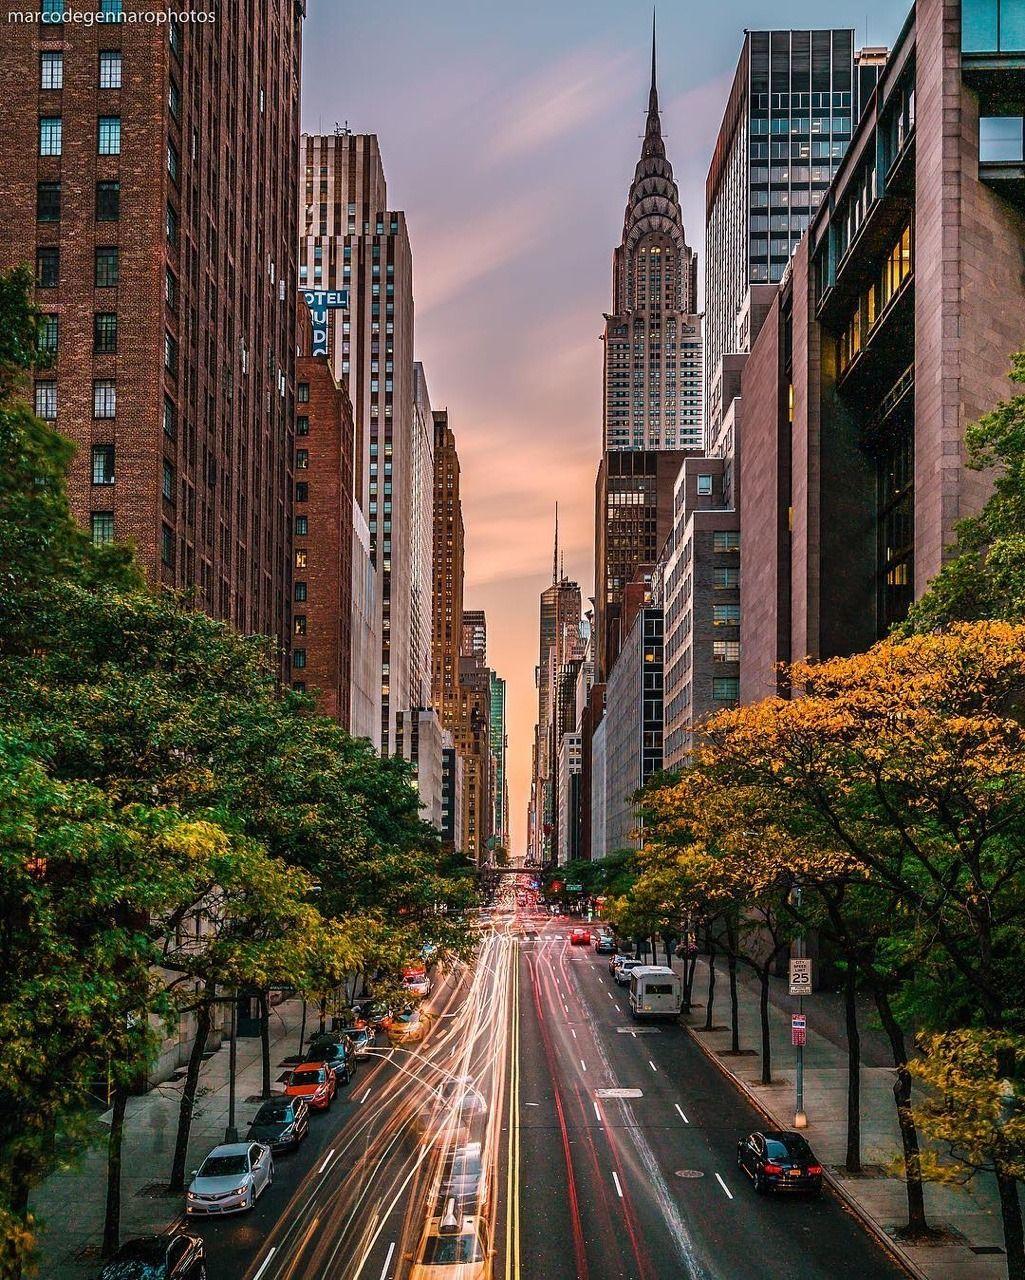 фото города манхэттен находятся прямой зависимости